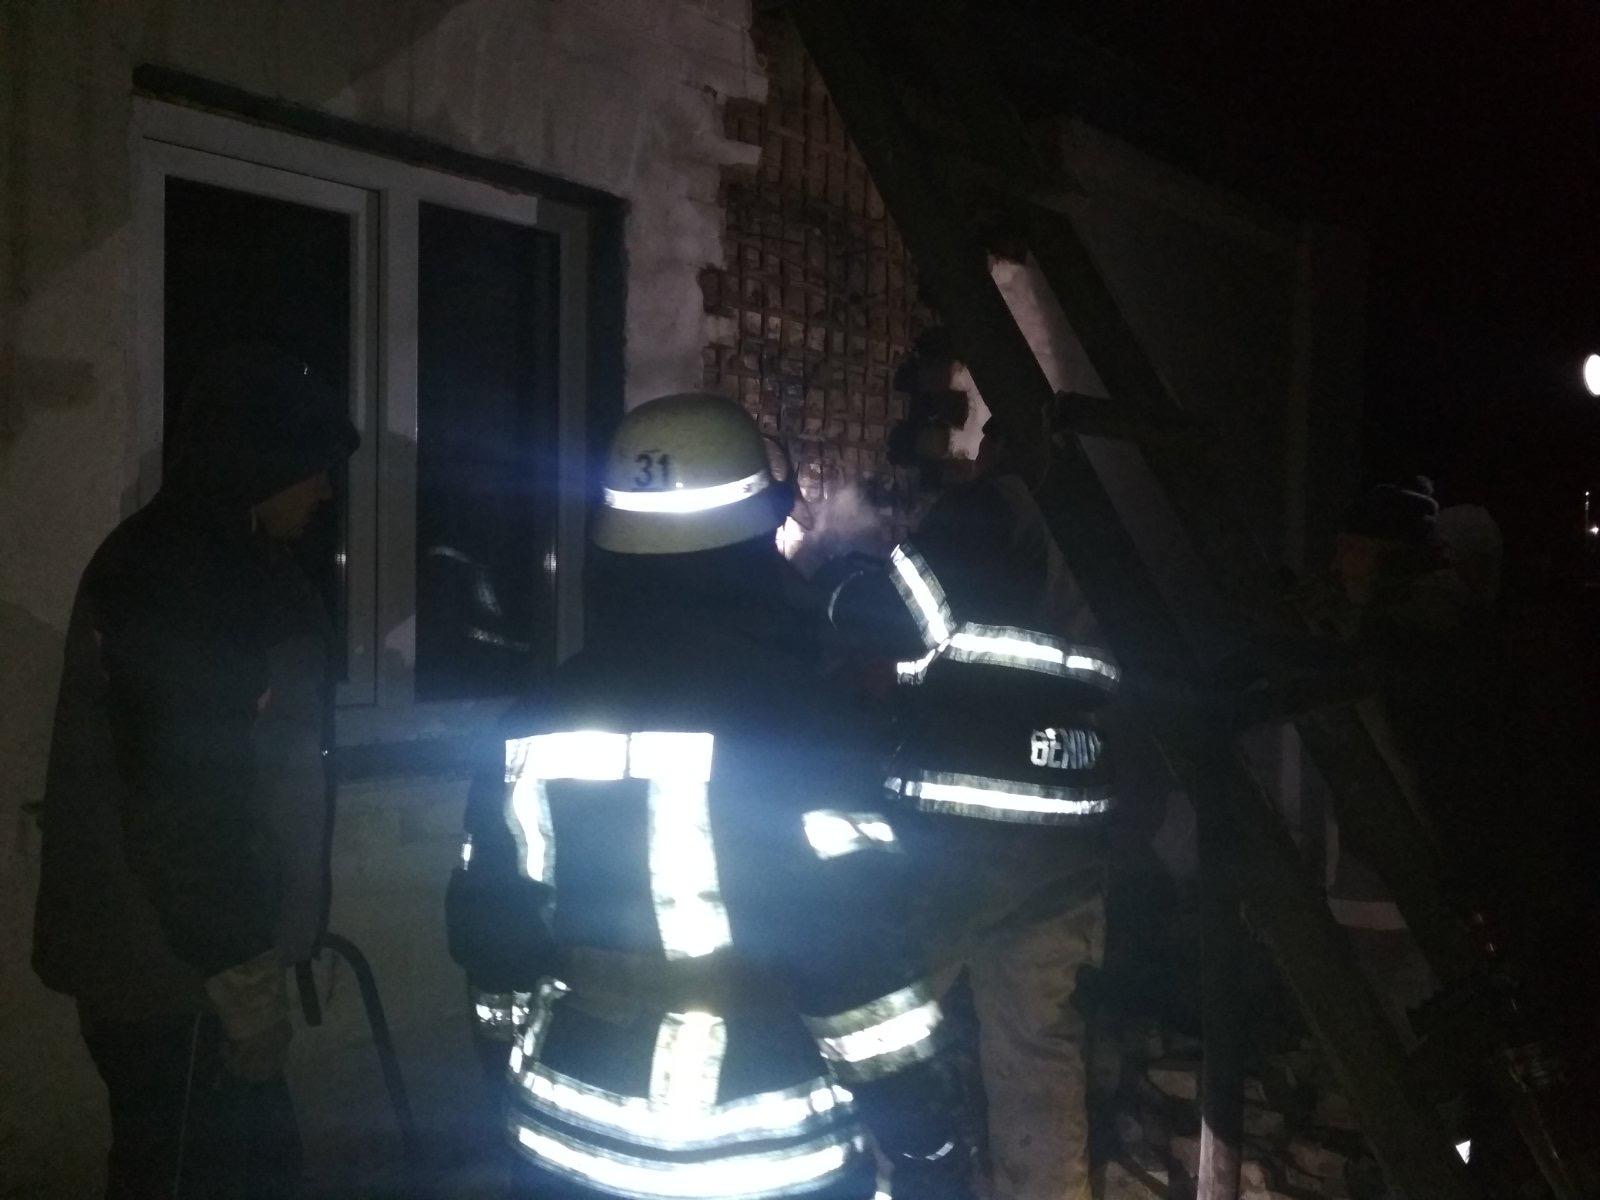 З пожежі у Бородянці вогнеборці врятували чотирьох людей - рятувальники, врятувати життя, вогнеборці, бородянські рятувальники - 05 pozhezha2